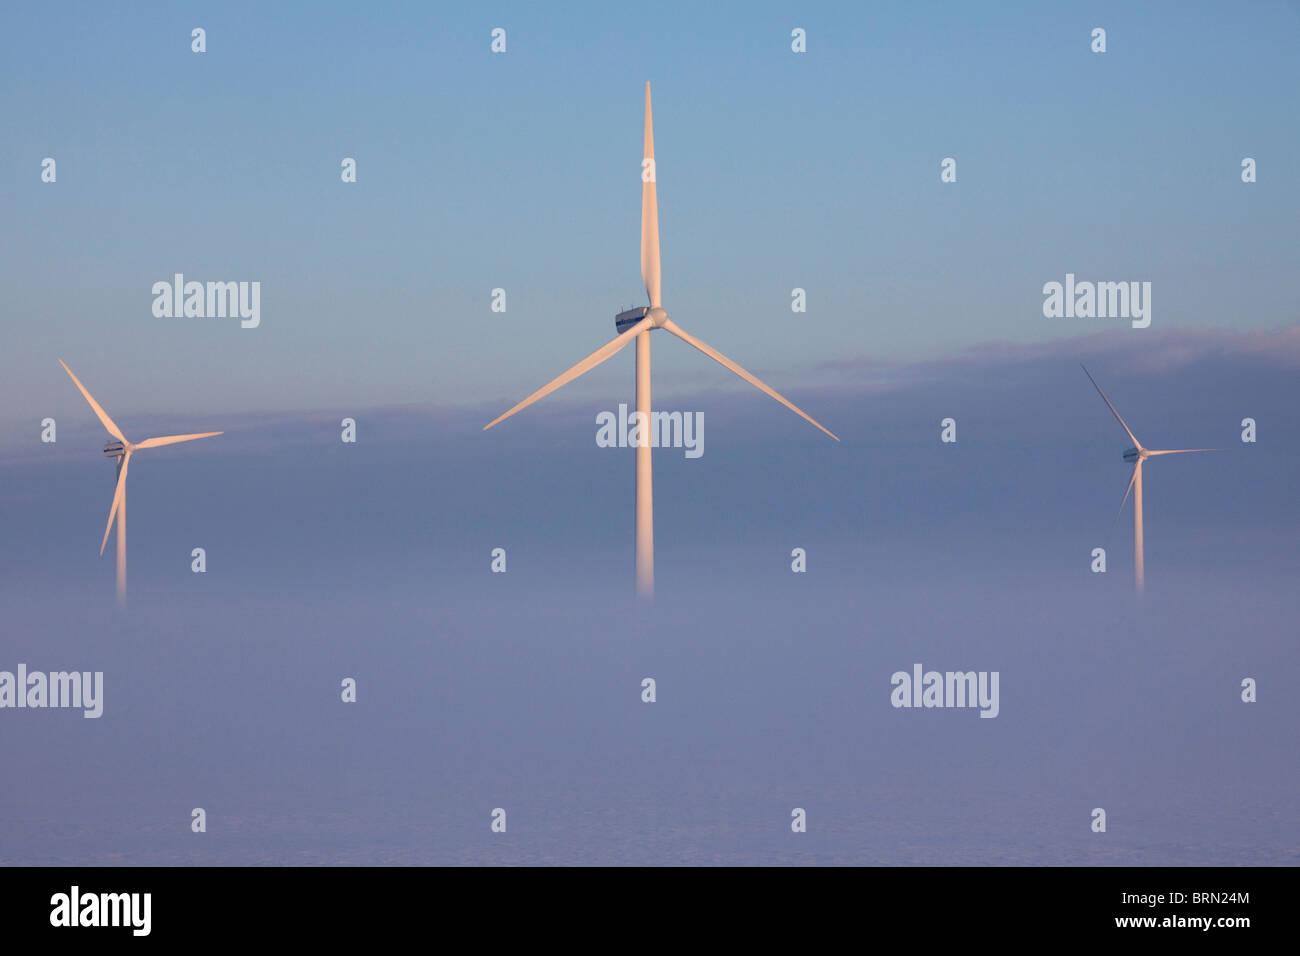 La nebbia attorno a turbine eoliche, Frisia settentrionale, Schleswig-Holstein, Germania. Immagini Stock